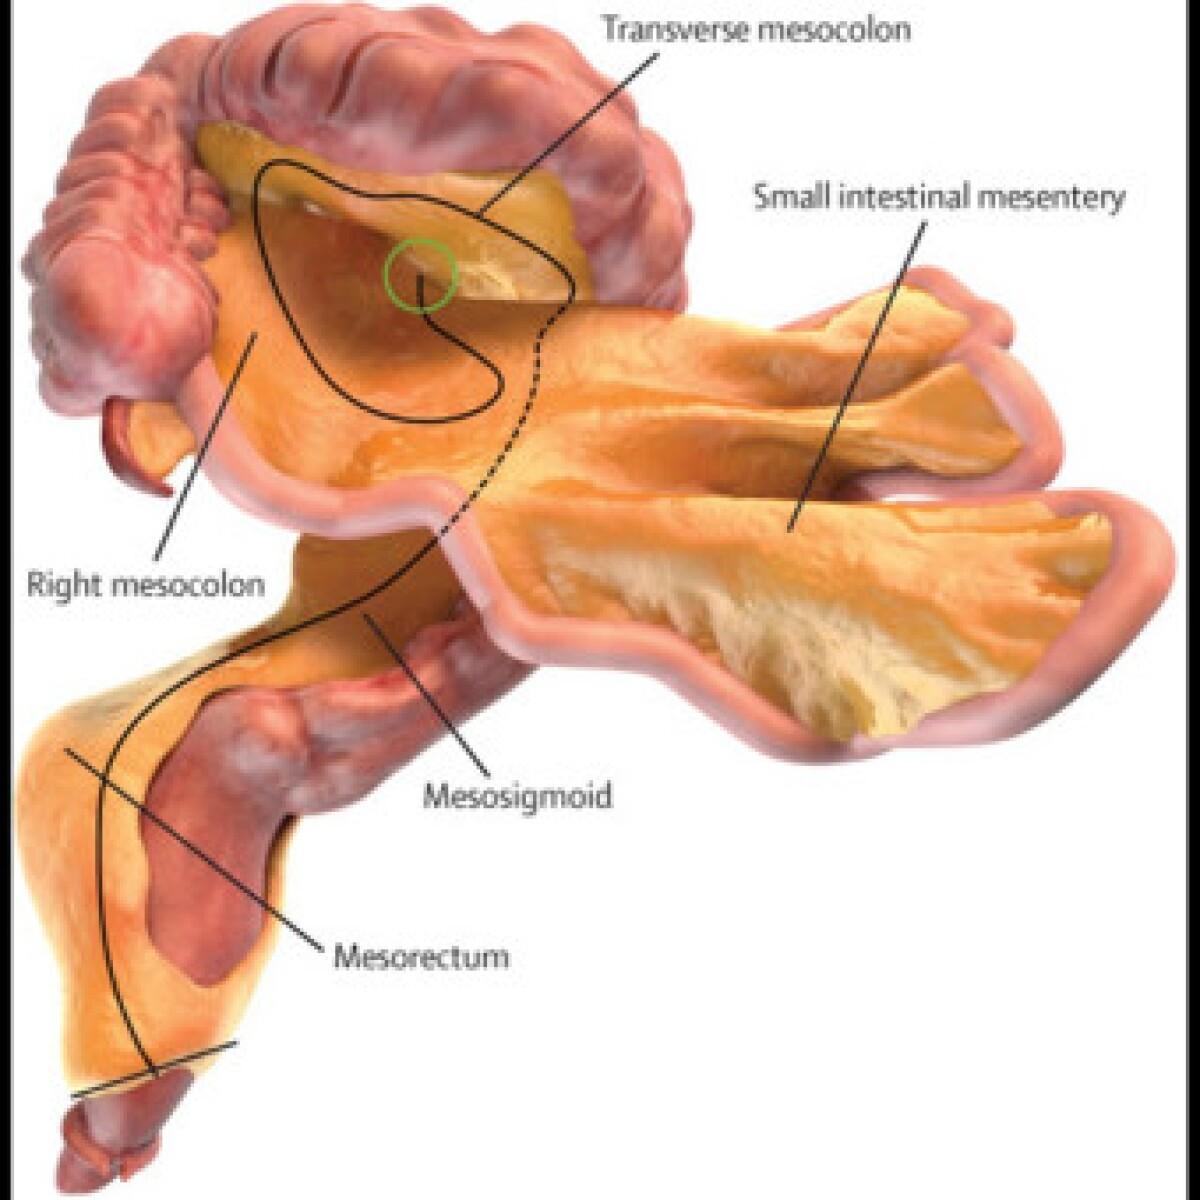 Conoce el \'nuevo\' órgano que tiene el cuerpo humano, mesenterio